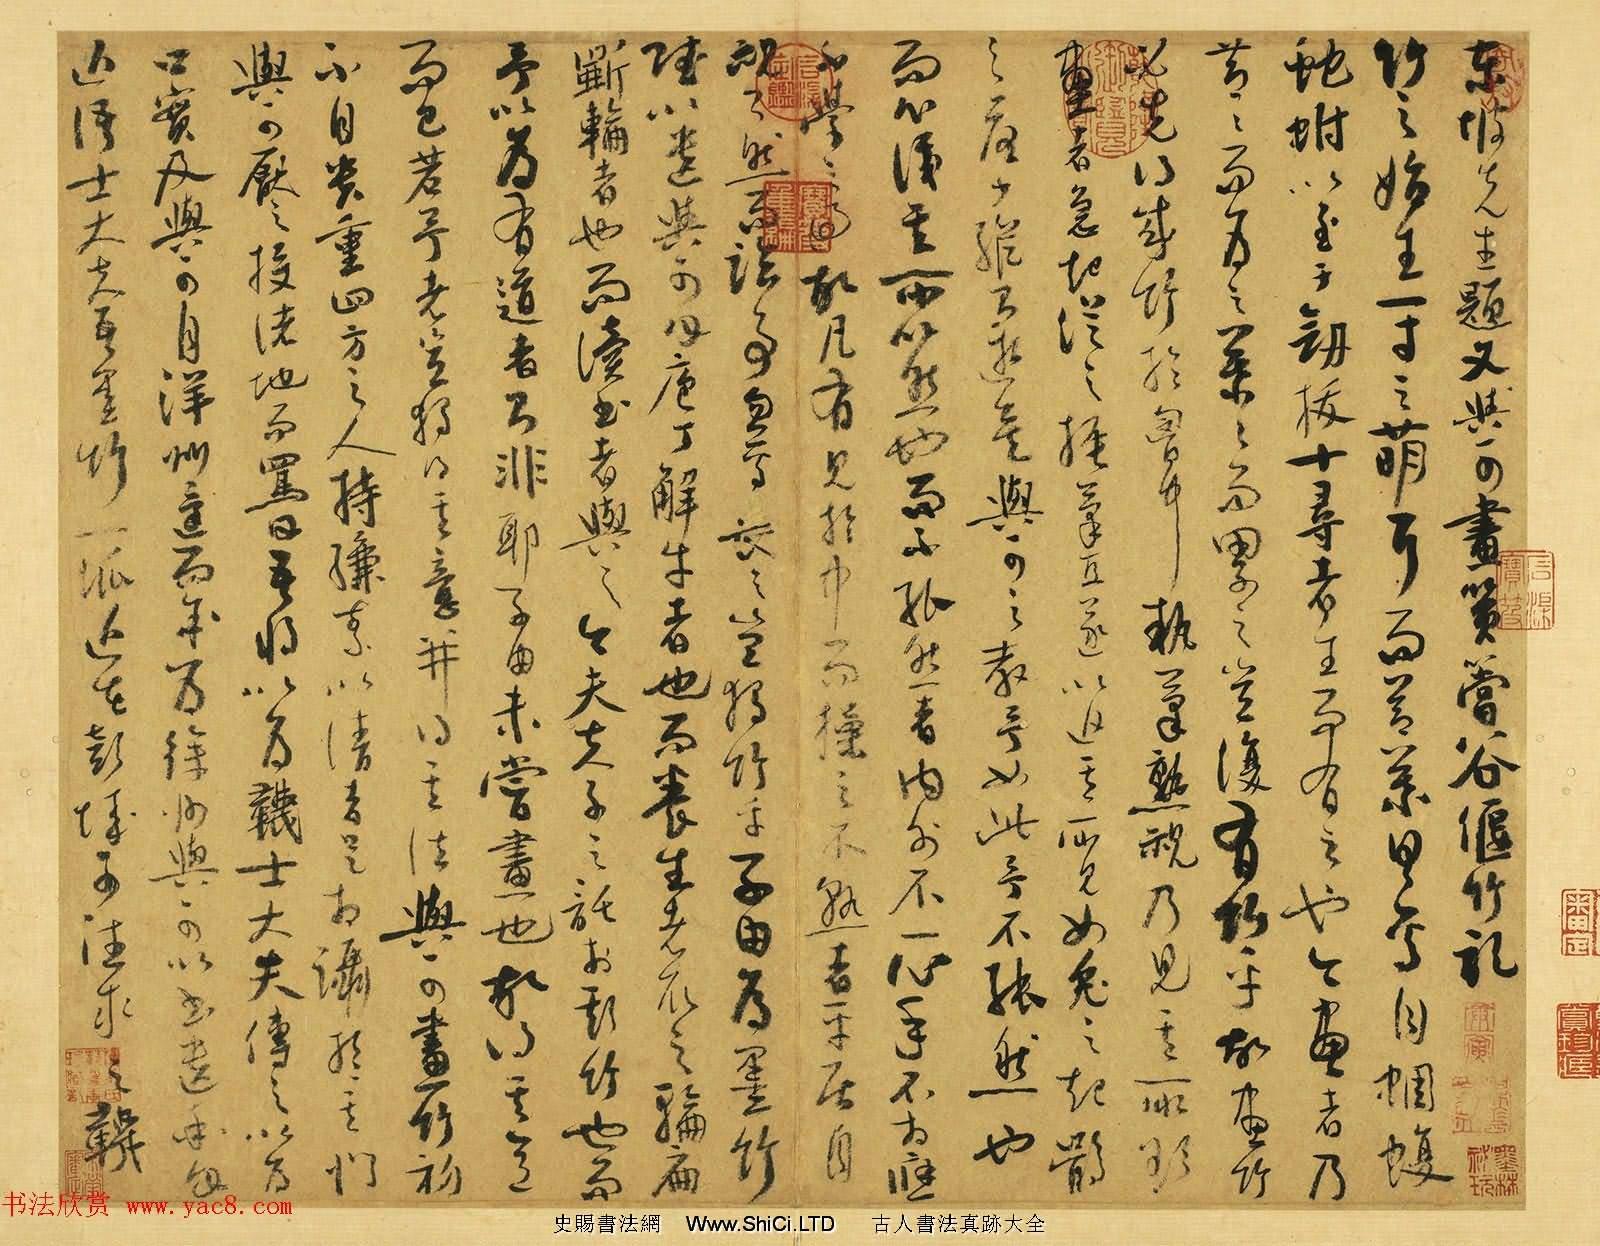 元代吳鎮71歲書畫冊《墨竹譜》(共22張圖片)